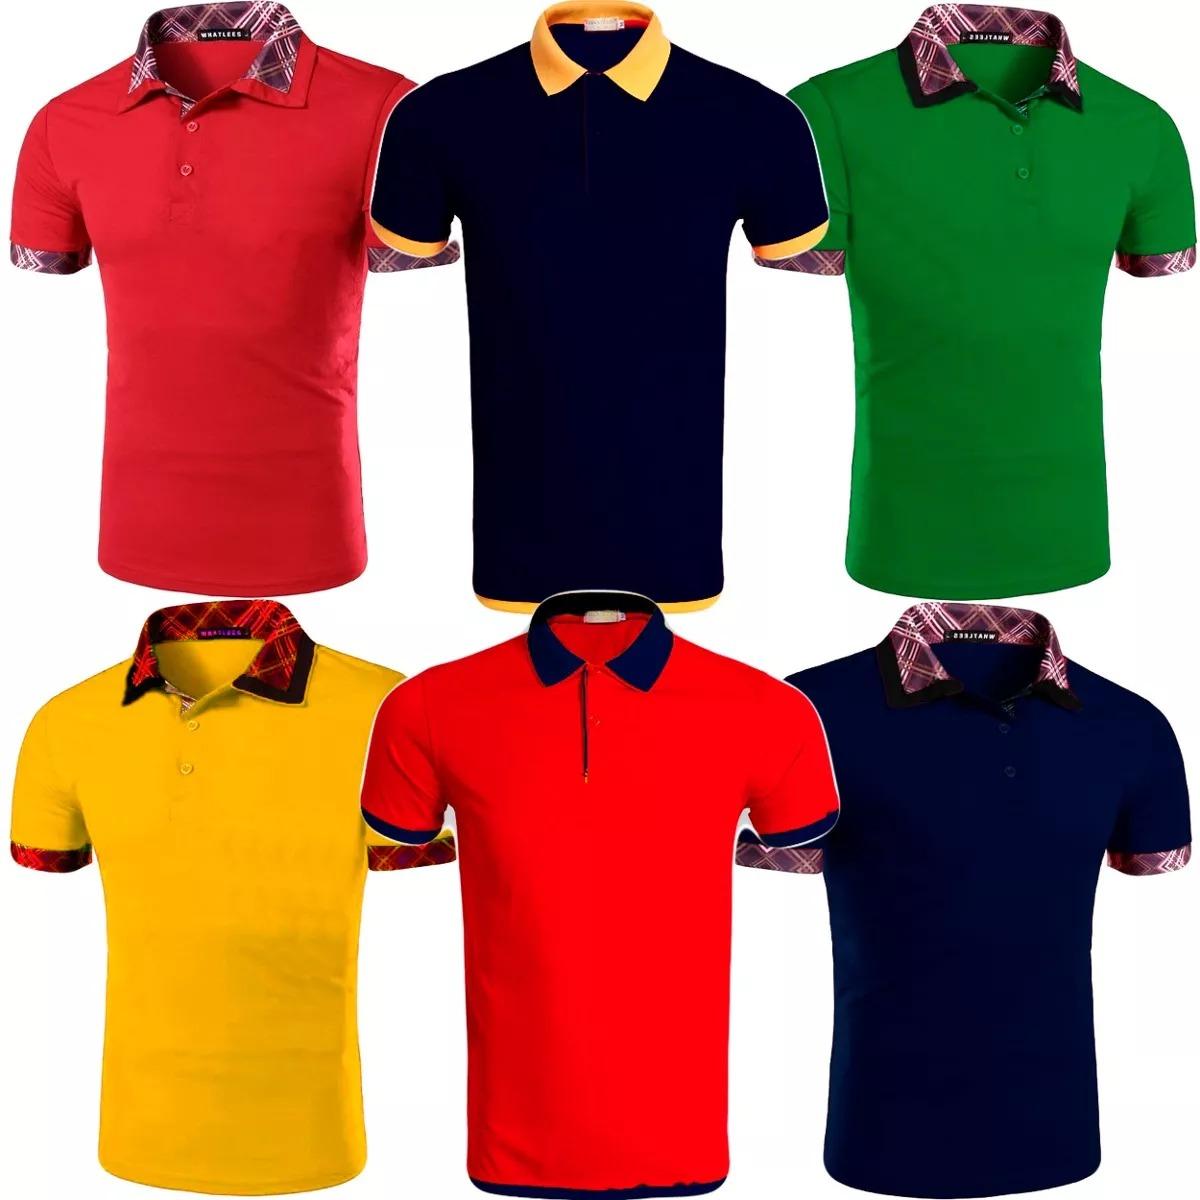 73d32575baaa4 Kit camisas polo masculina alto padrao blusa camiseta polo jpg 1200x1200 Camisetas  polo